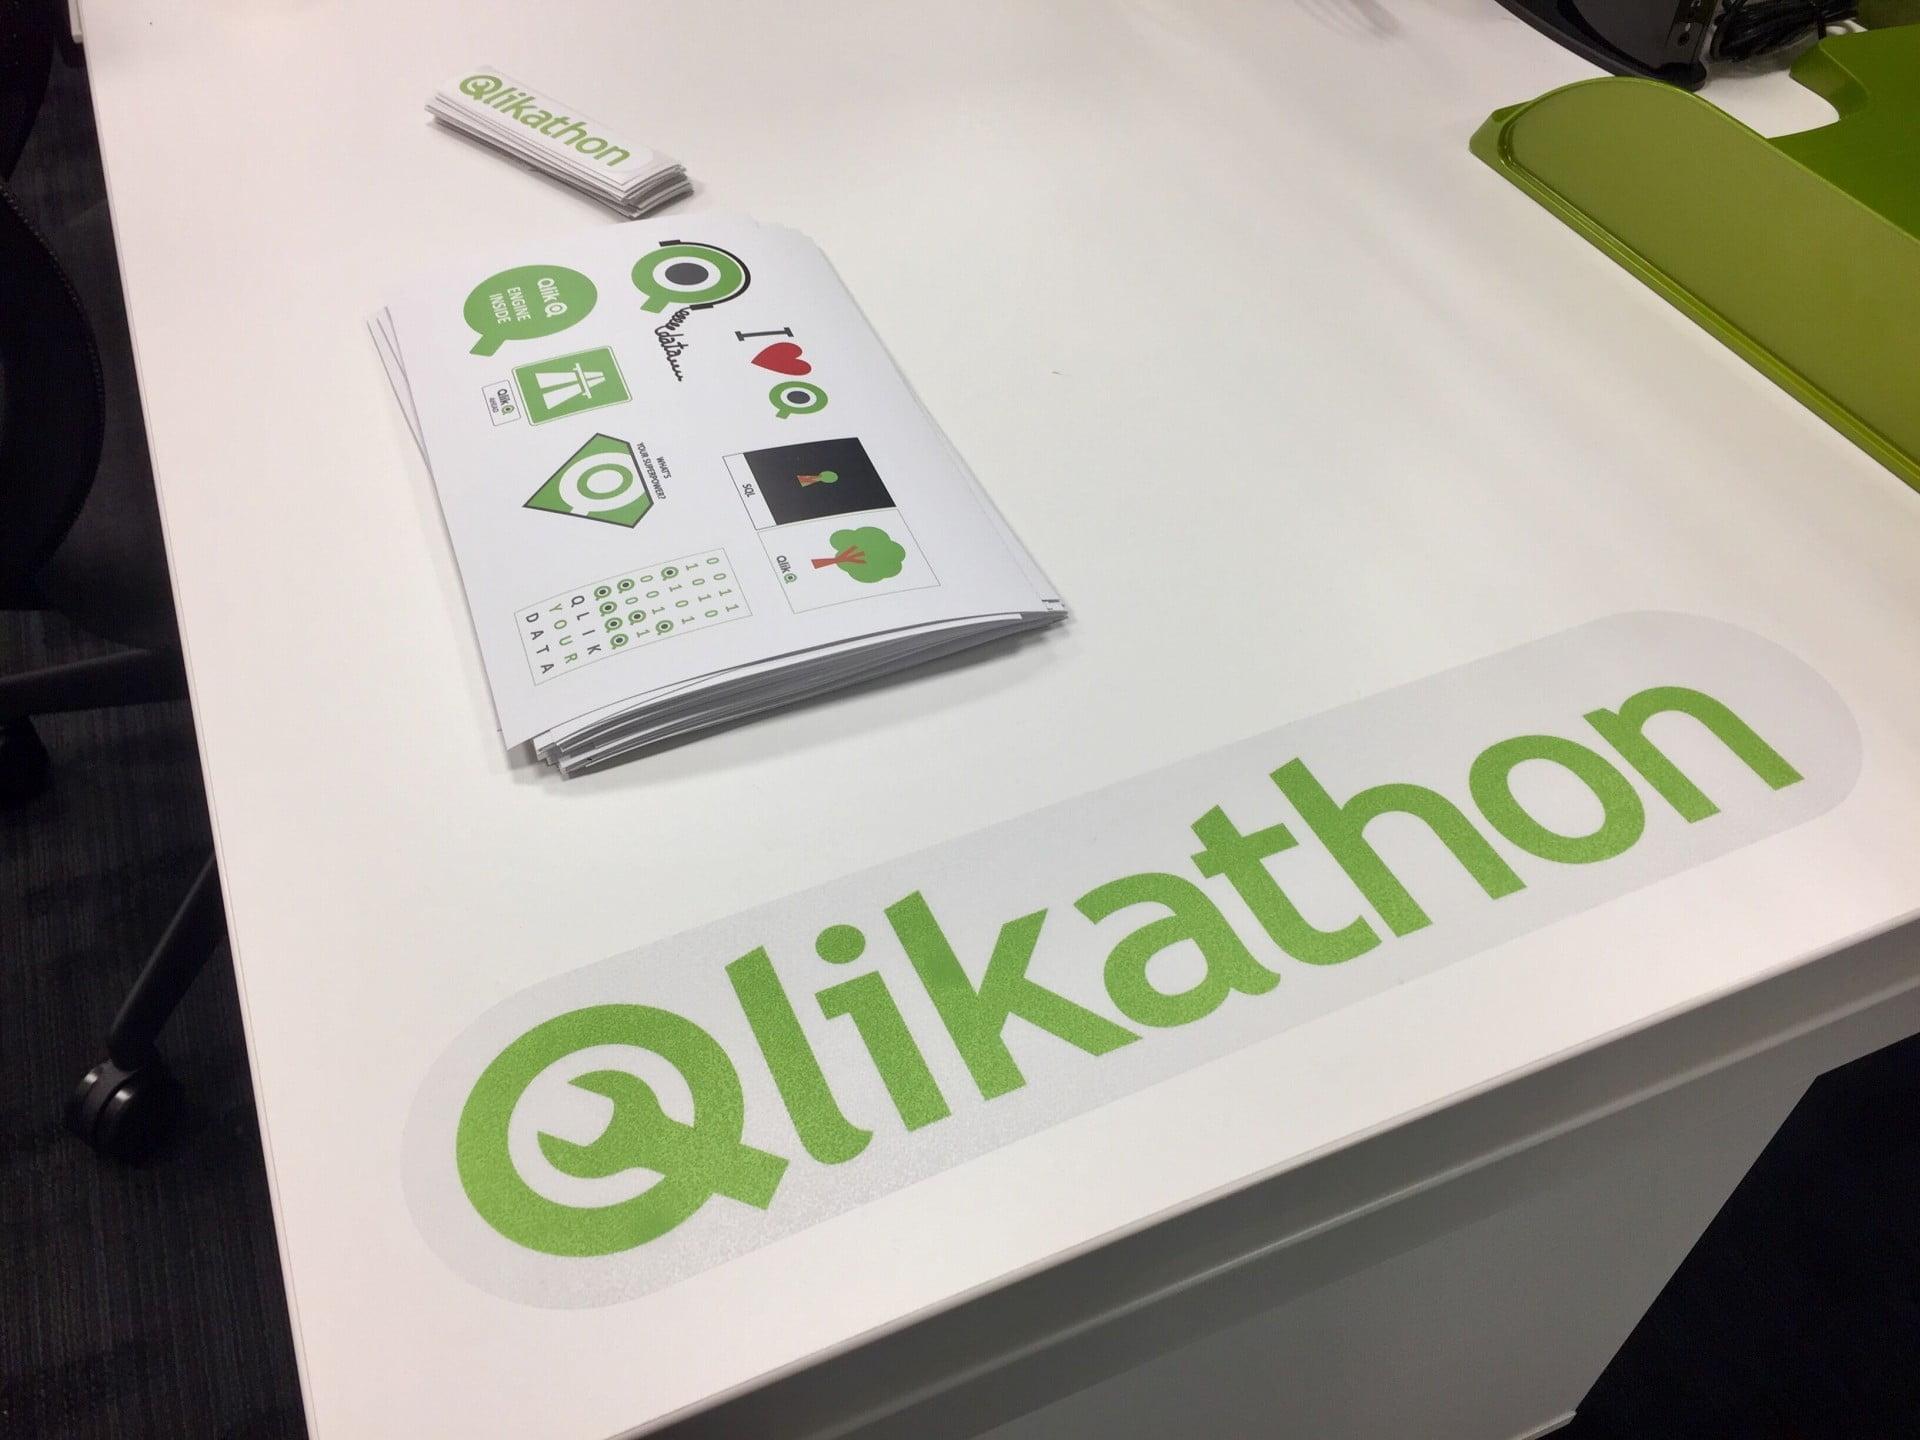 Qlikathon